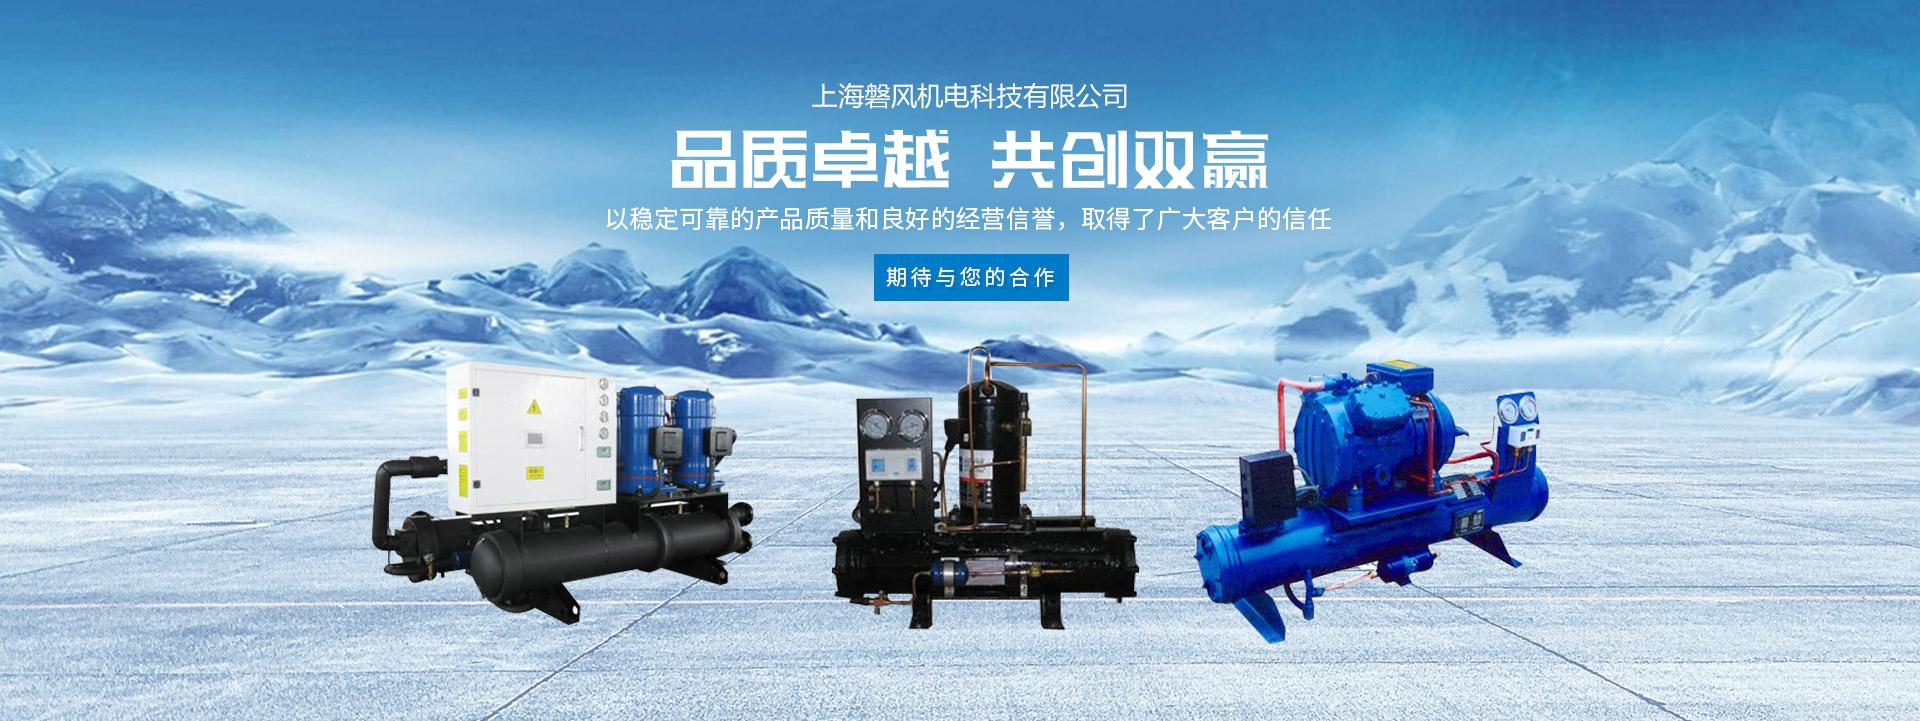 上海磐风机电科技有限公司